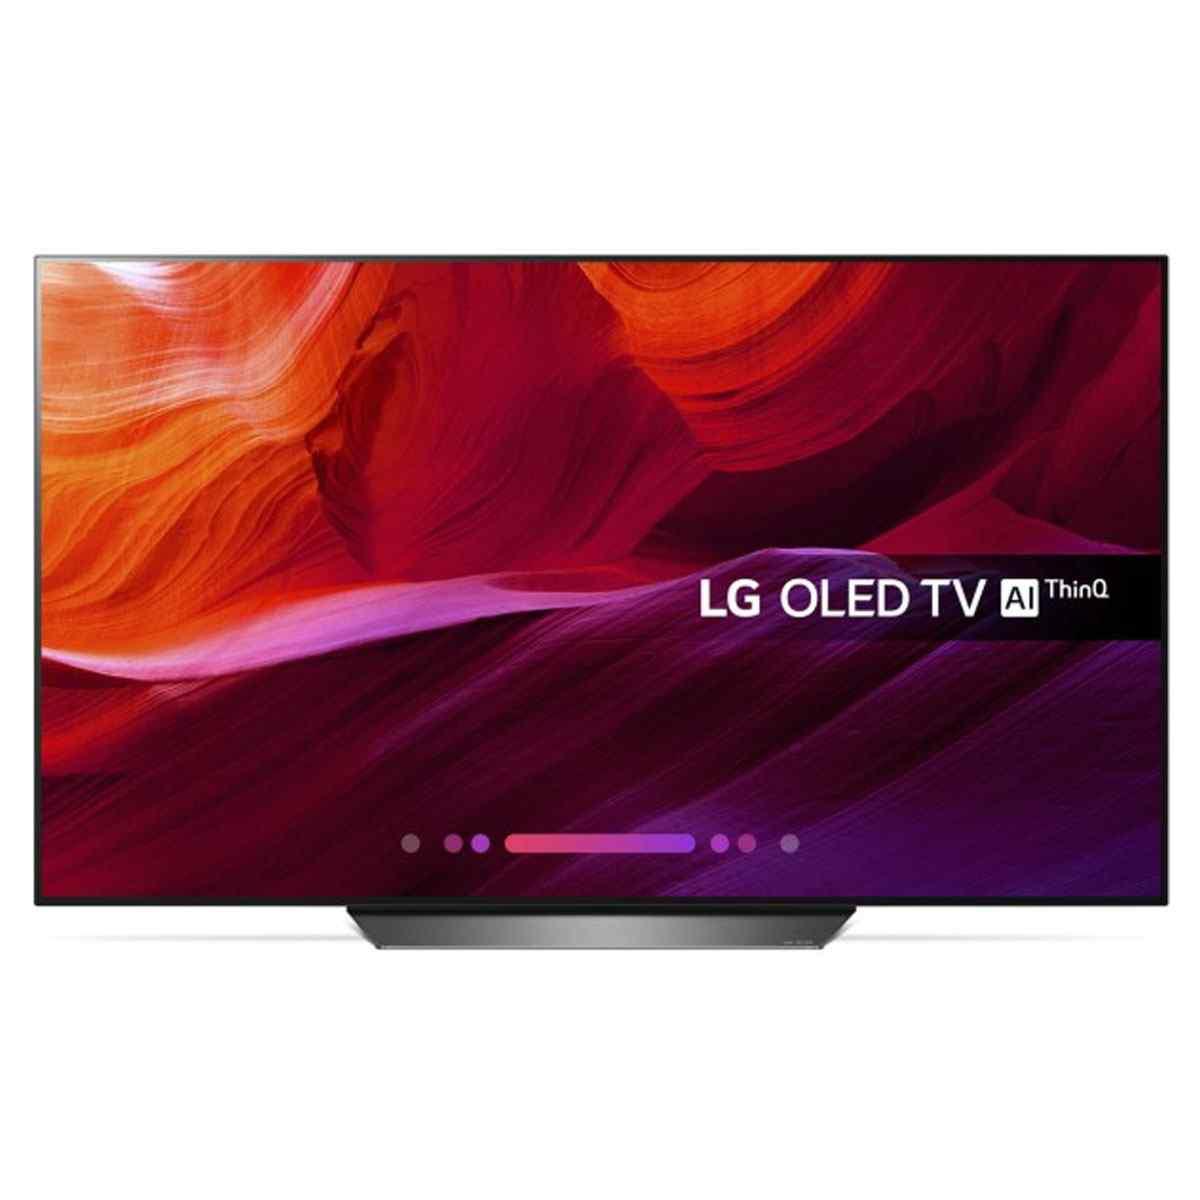 LG 55 Inch Smart OLED LED TV (55B8)